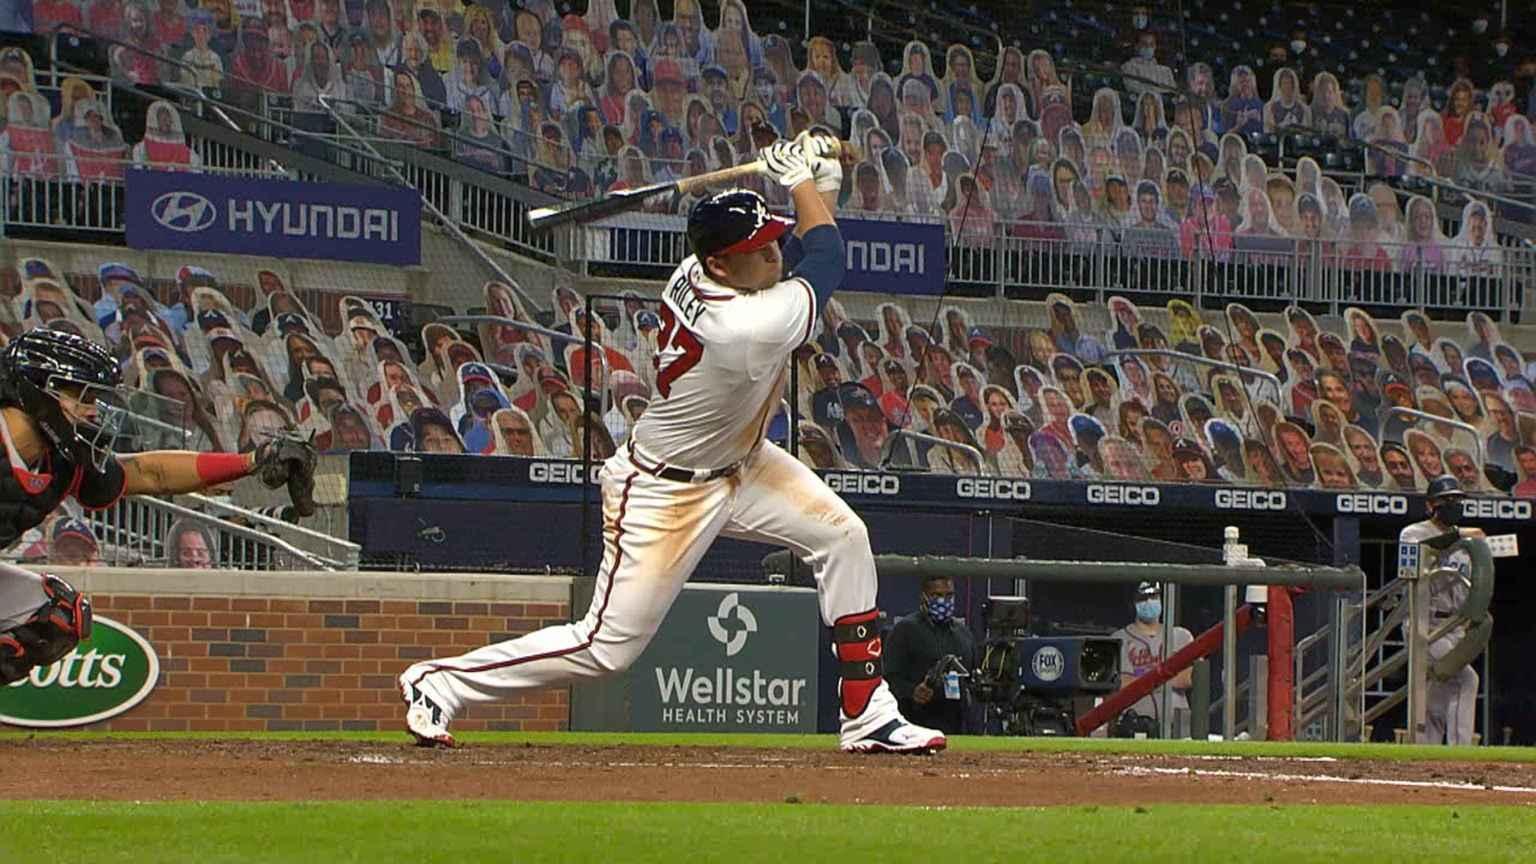 Un jugador de béisbol con espectadores en las gradas  Descripción generada automáticamente